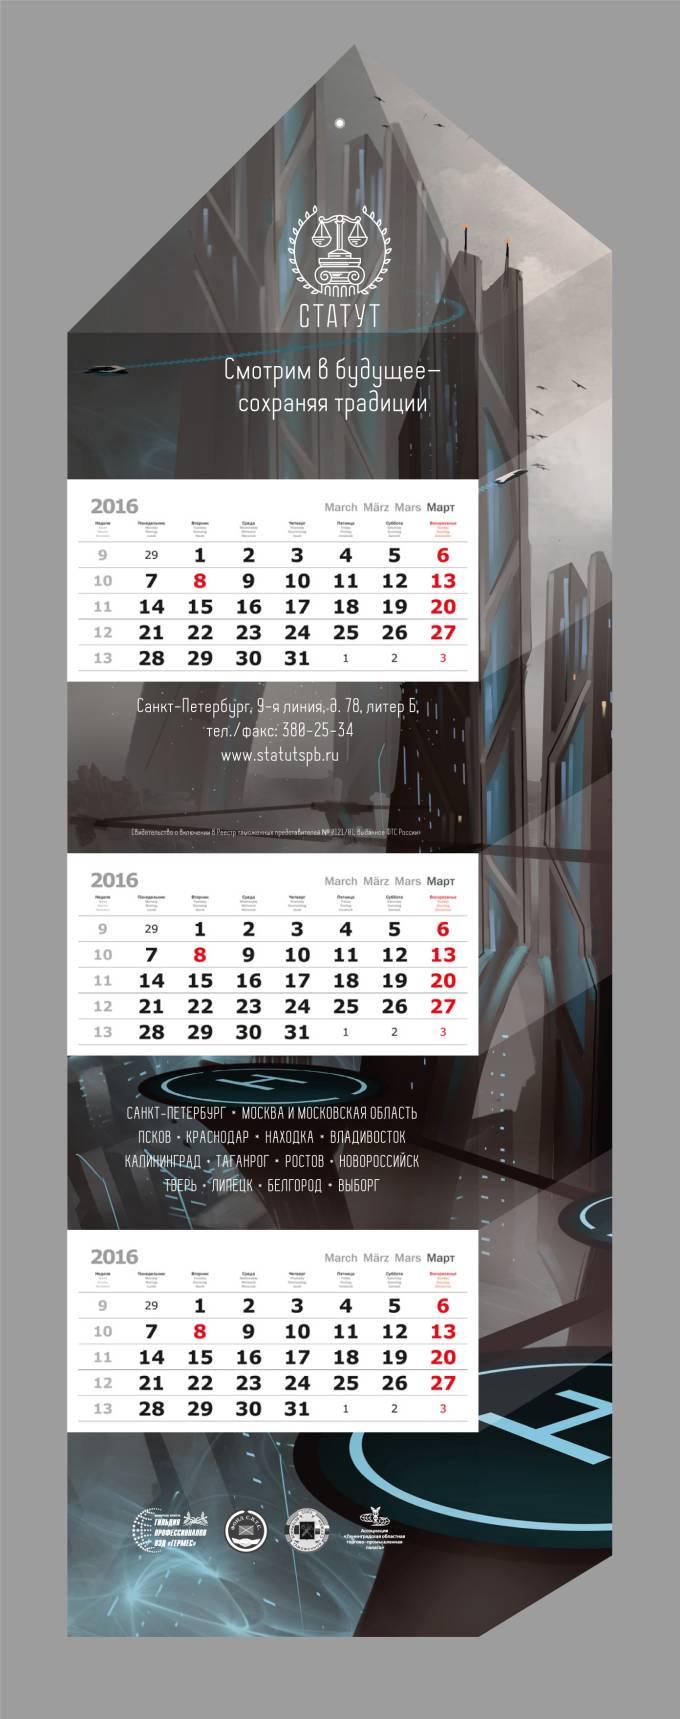 Логотип, фирменный стиль, квартальный премиум календарь, визитки, бланк для группы компаний Статут